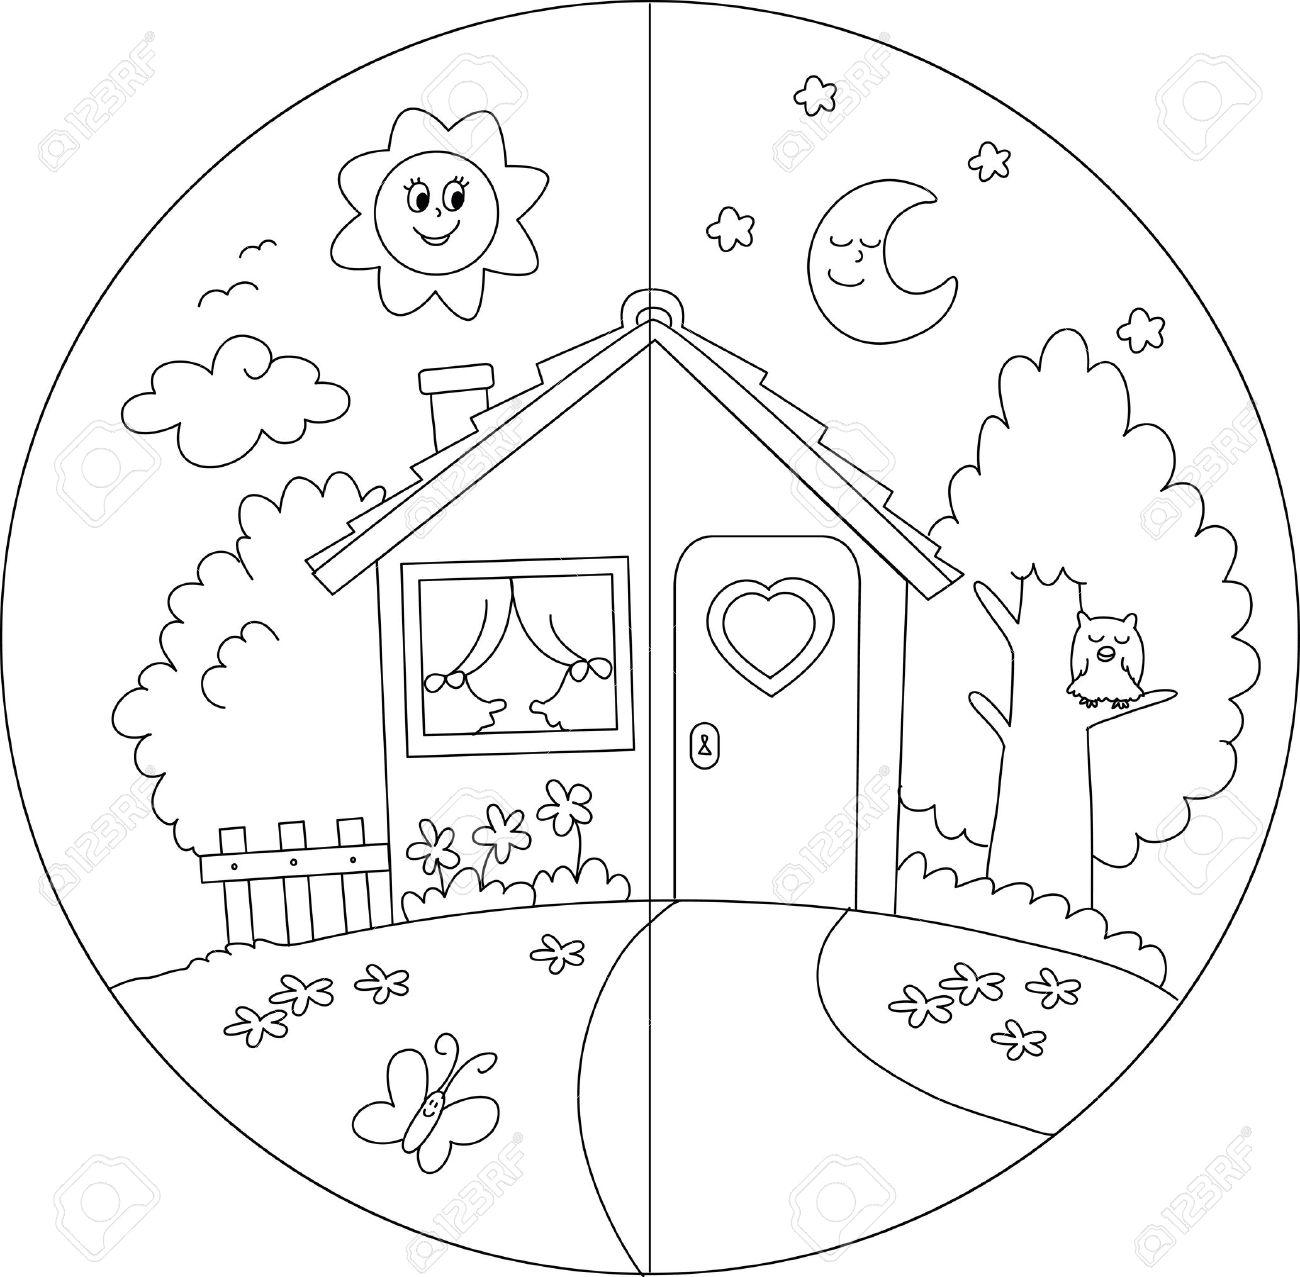 Noche Y Día Vista De Una Casa Para Colorear Vectorial País De Dibujos Animados Para Los Niños